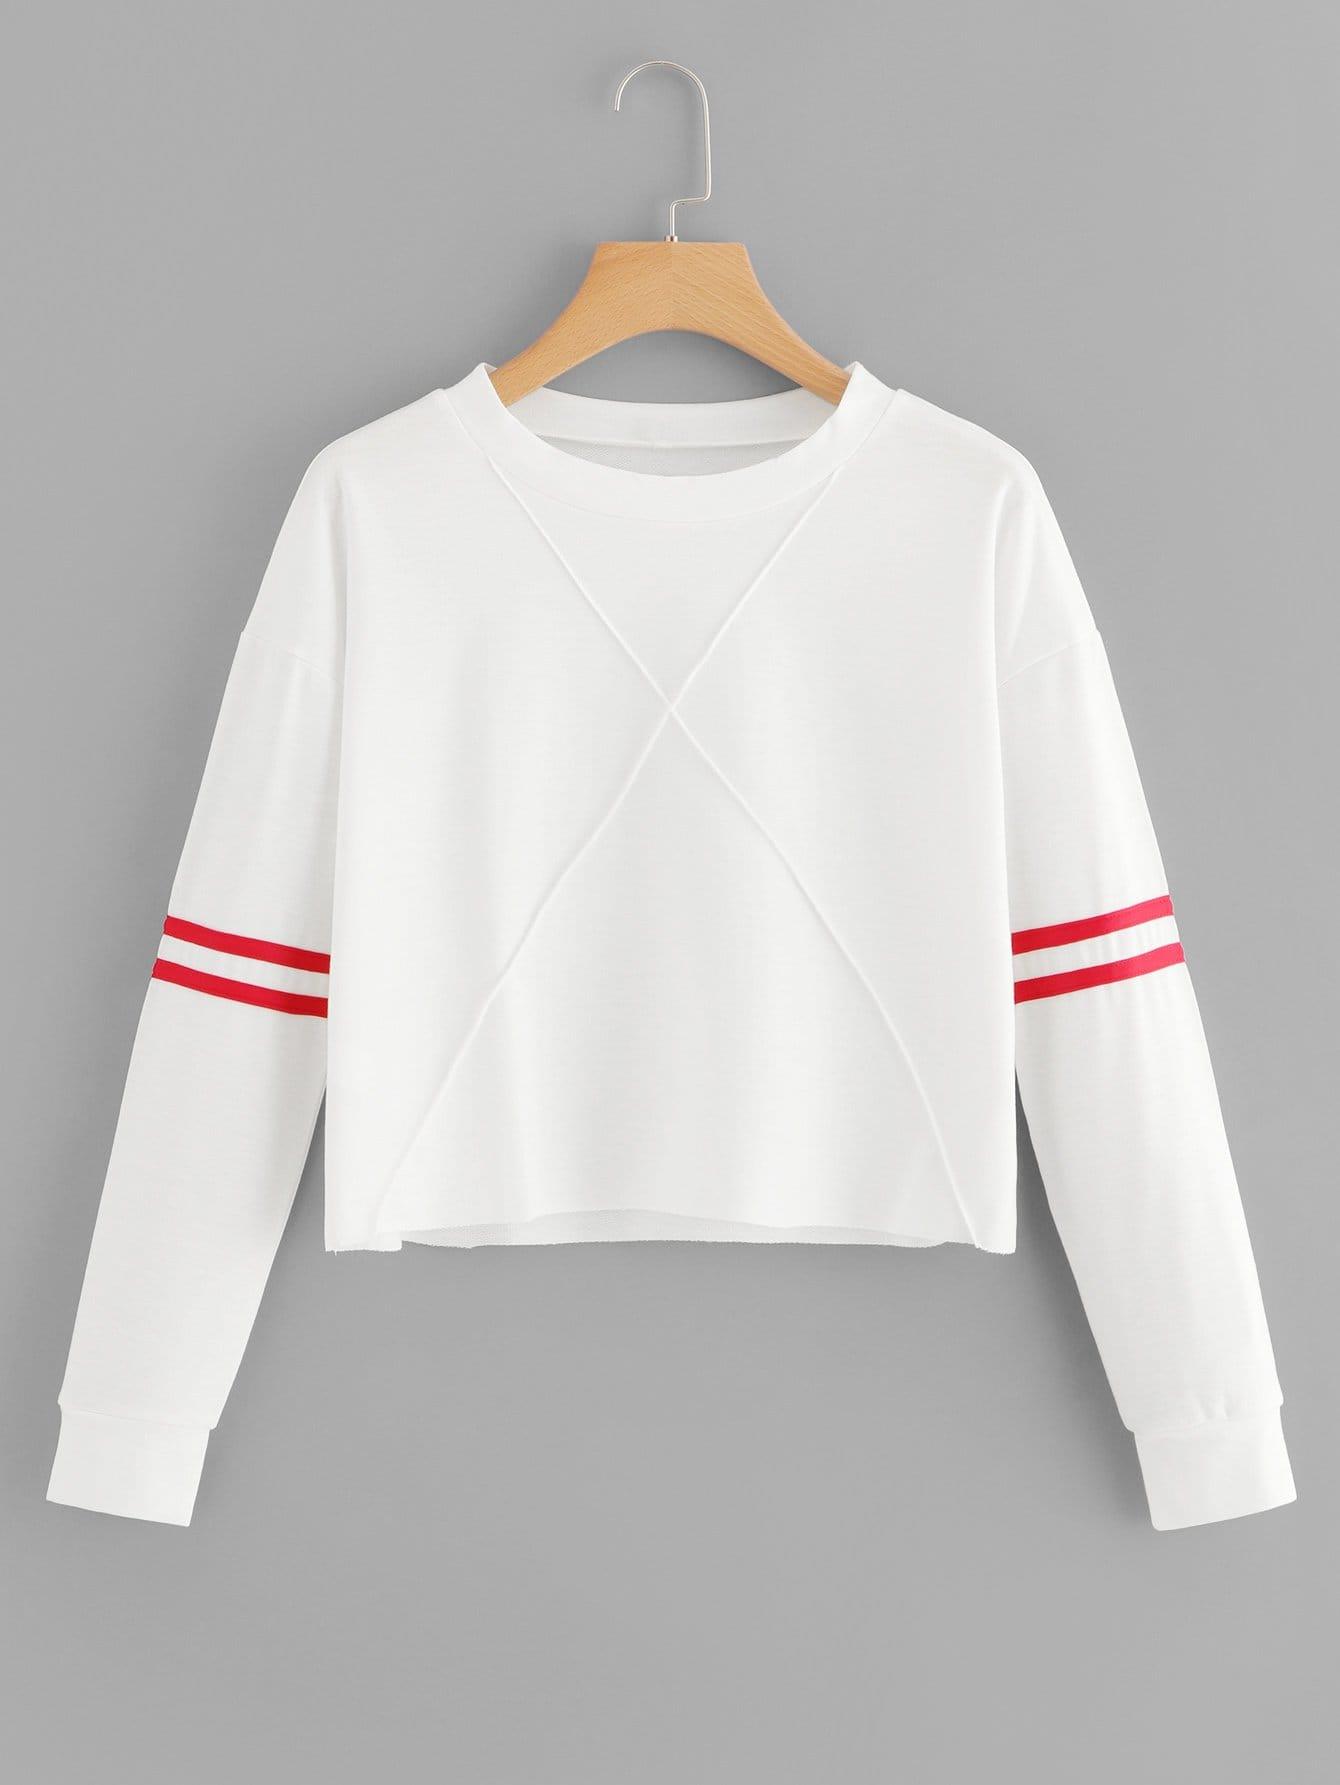 Sweatshirt mit Streifen auf den Ärmeln und Naht Detail